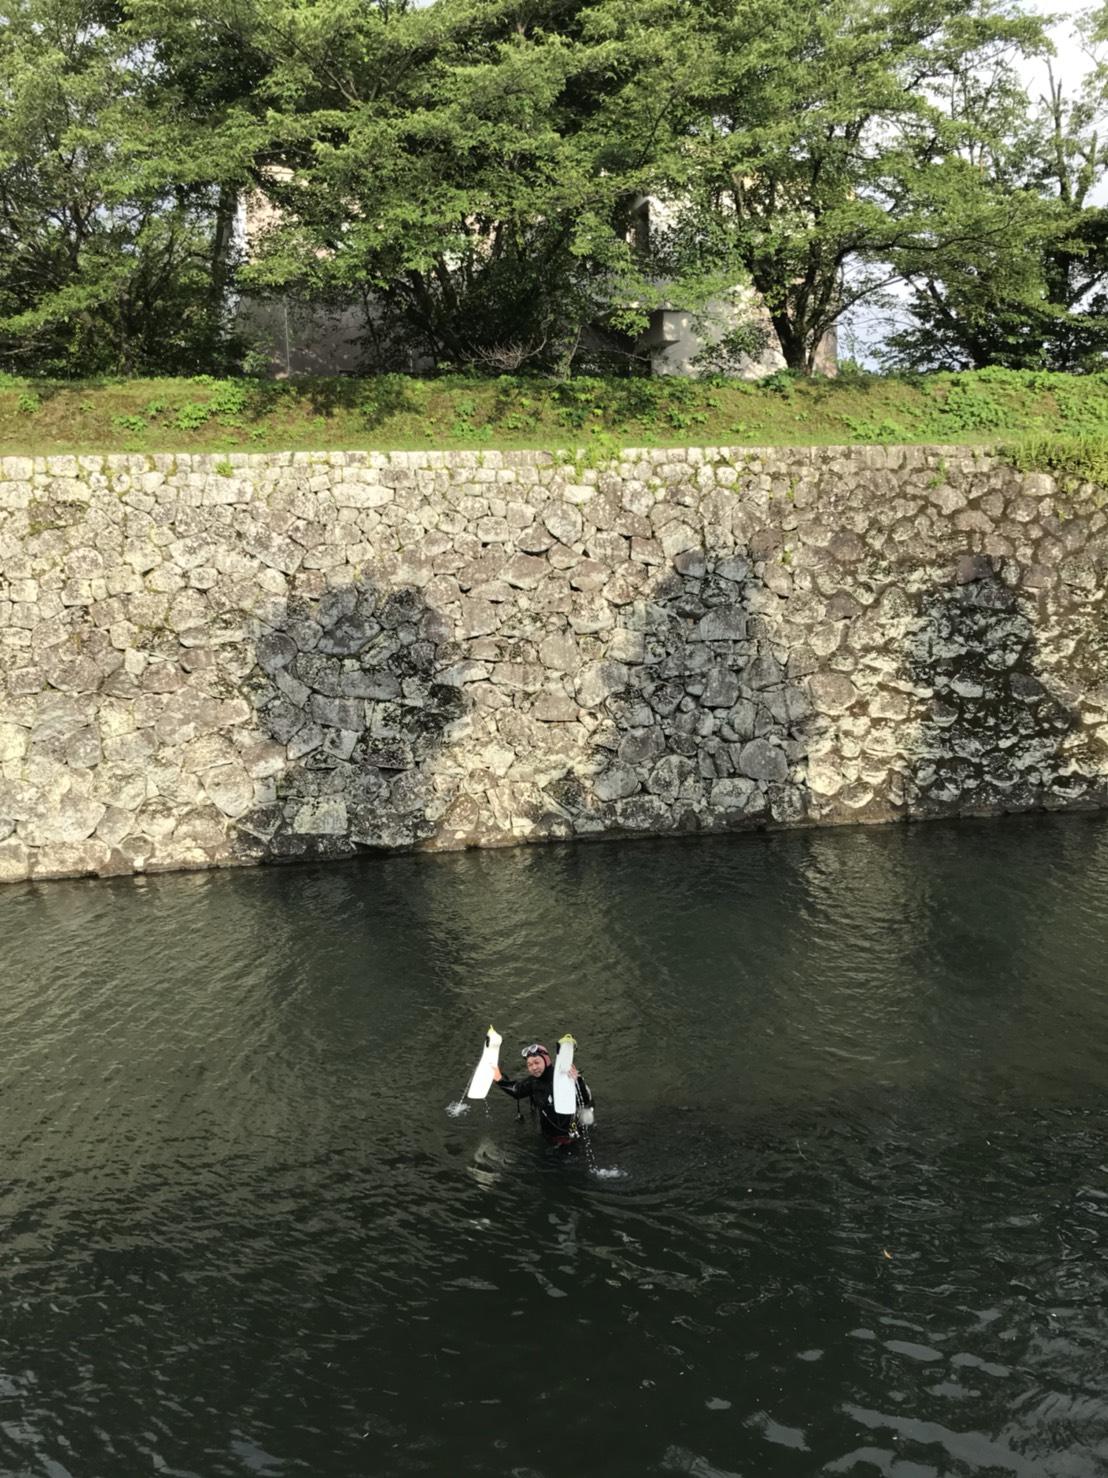 駿府城でダイビング?! 静岡市のダイビングショップフリースタイルです。